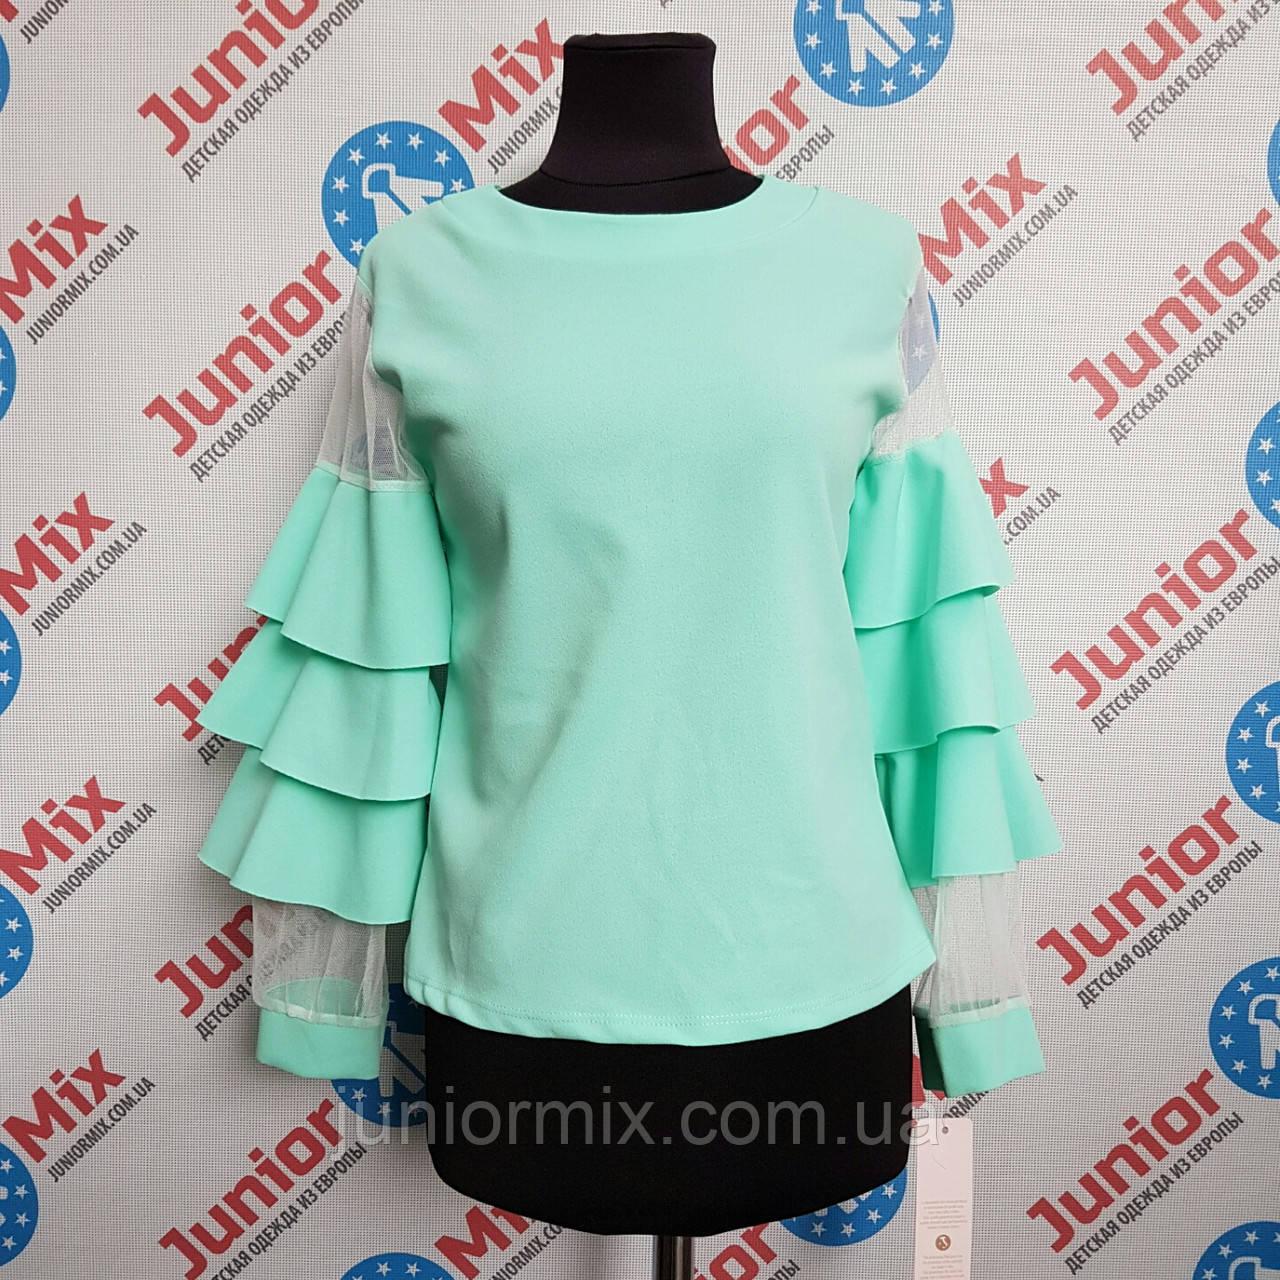 Модная детская блузка на девочку Kids moda ИТАЛИЯ